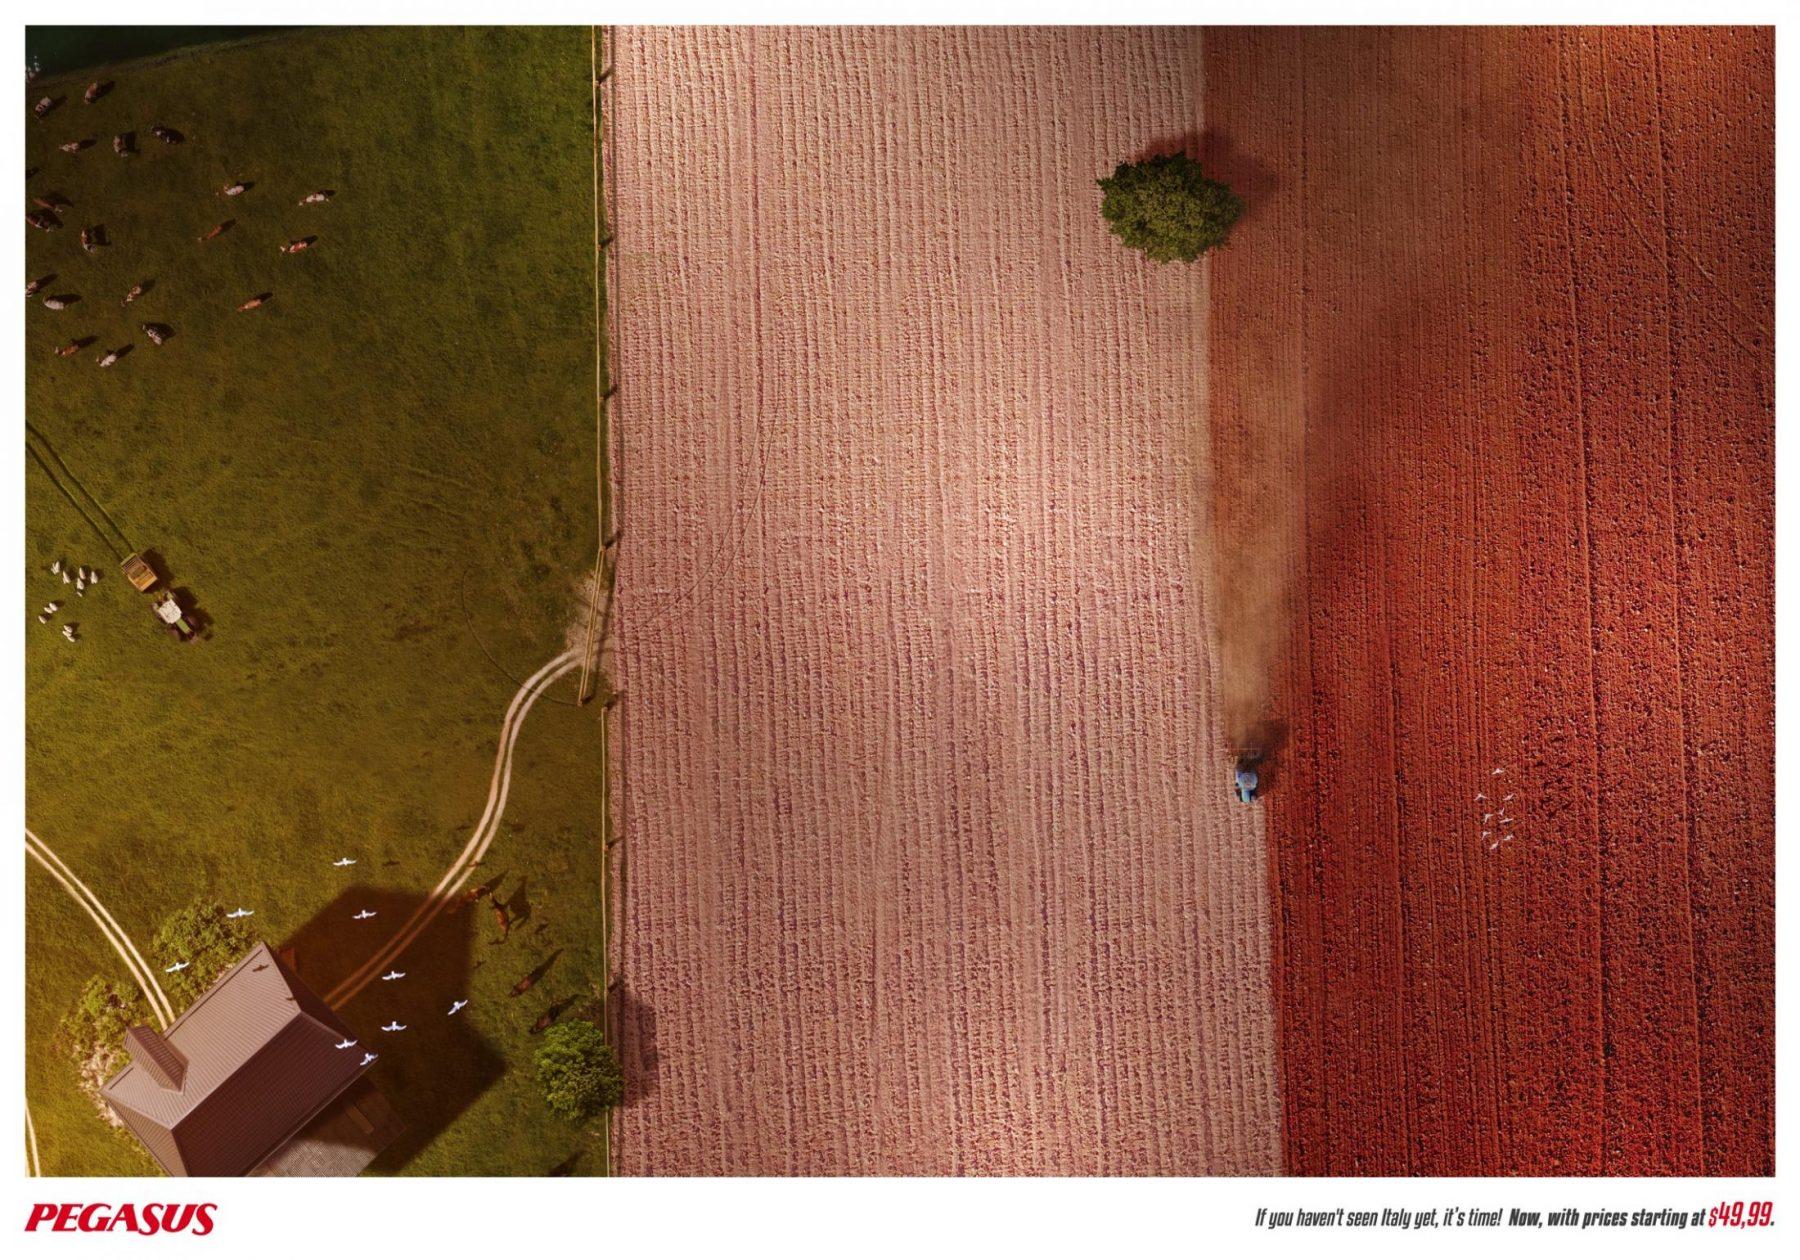 İtalya'yı Hâlâ Görmediysen, Şimdi Tam Zamanı - PEGASUS-türkiyenin-reklamları